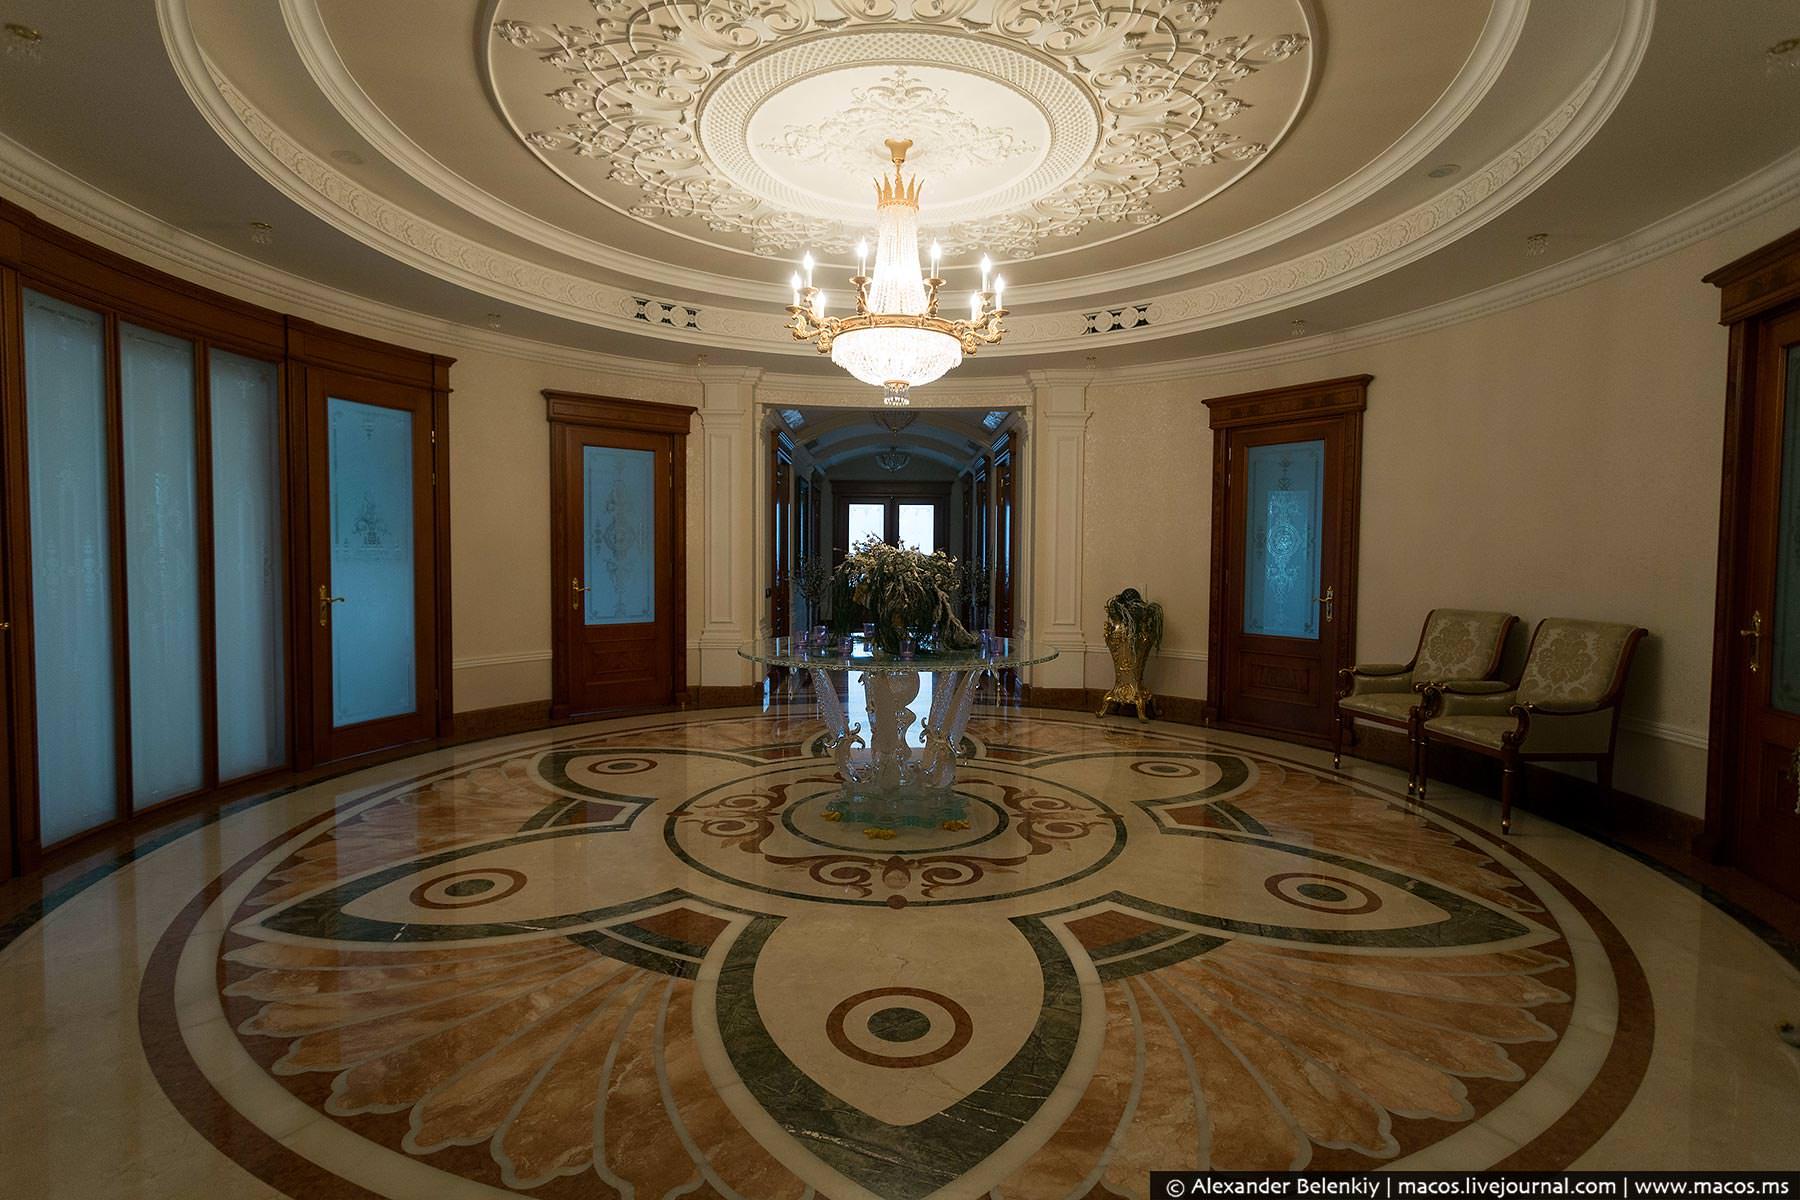 http://www.pravda-tv.ru/wp-content/uploads/2014/11/LR2014.10-UA-Residence-20.jpg